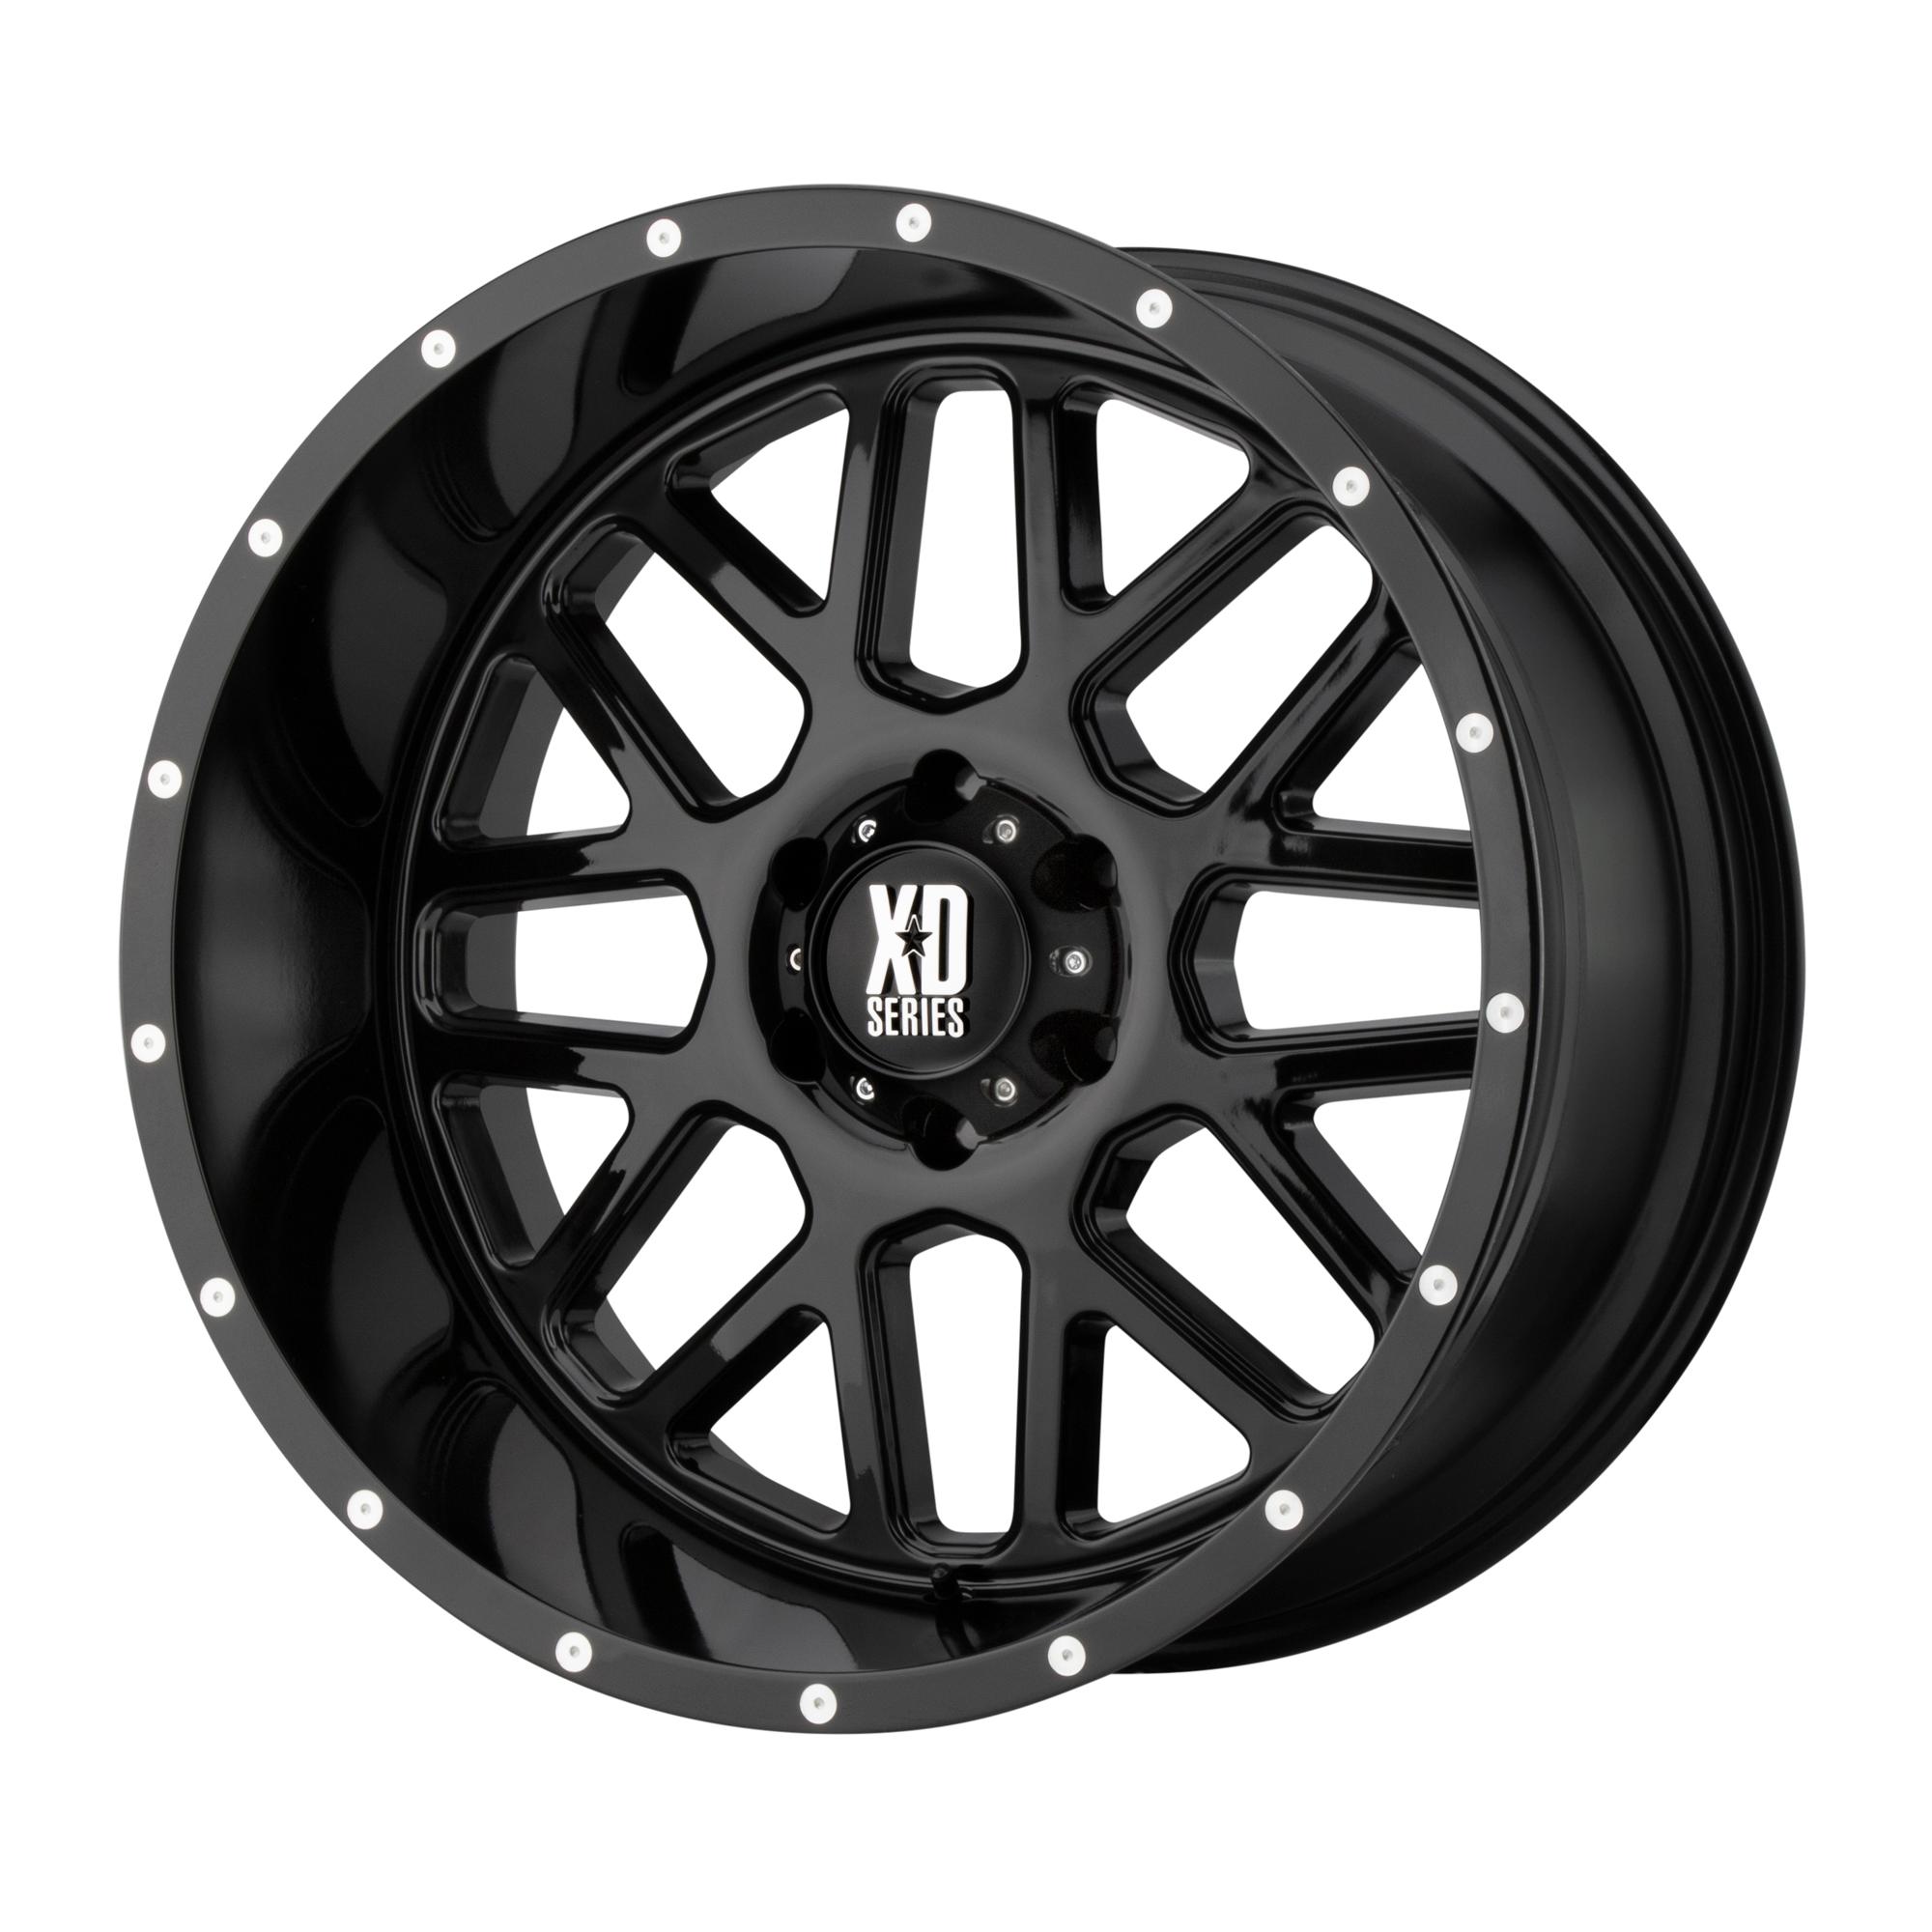 XD SERIES XD820 GRENADE hliníkové disky 9x18 6x139,7 ET-12 Gloss Black